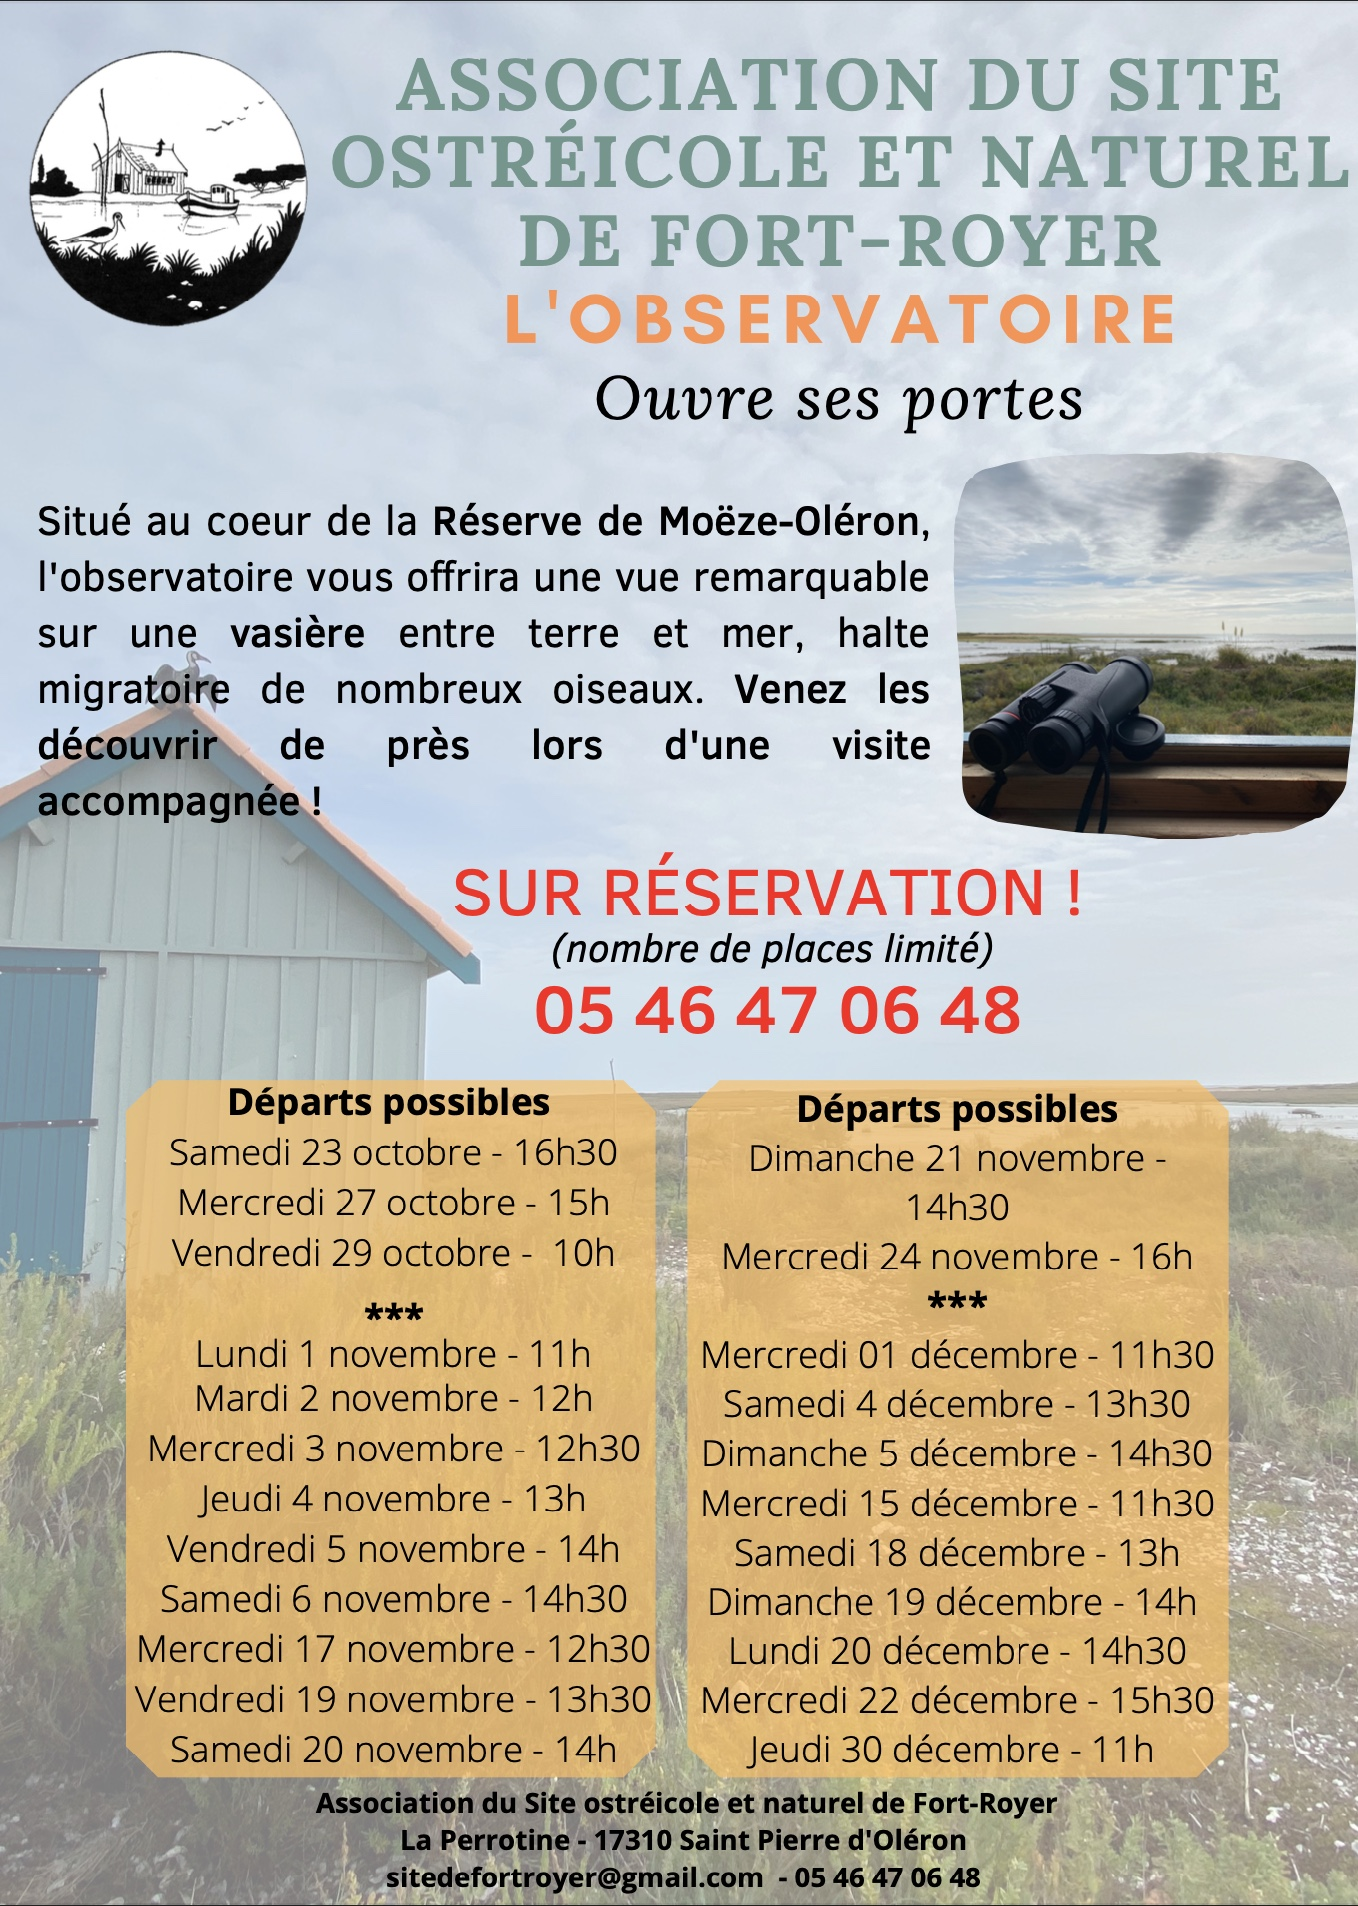 Fort-Royer : l'observatoire ouvre ses portes